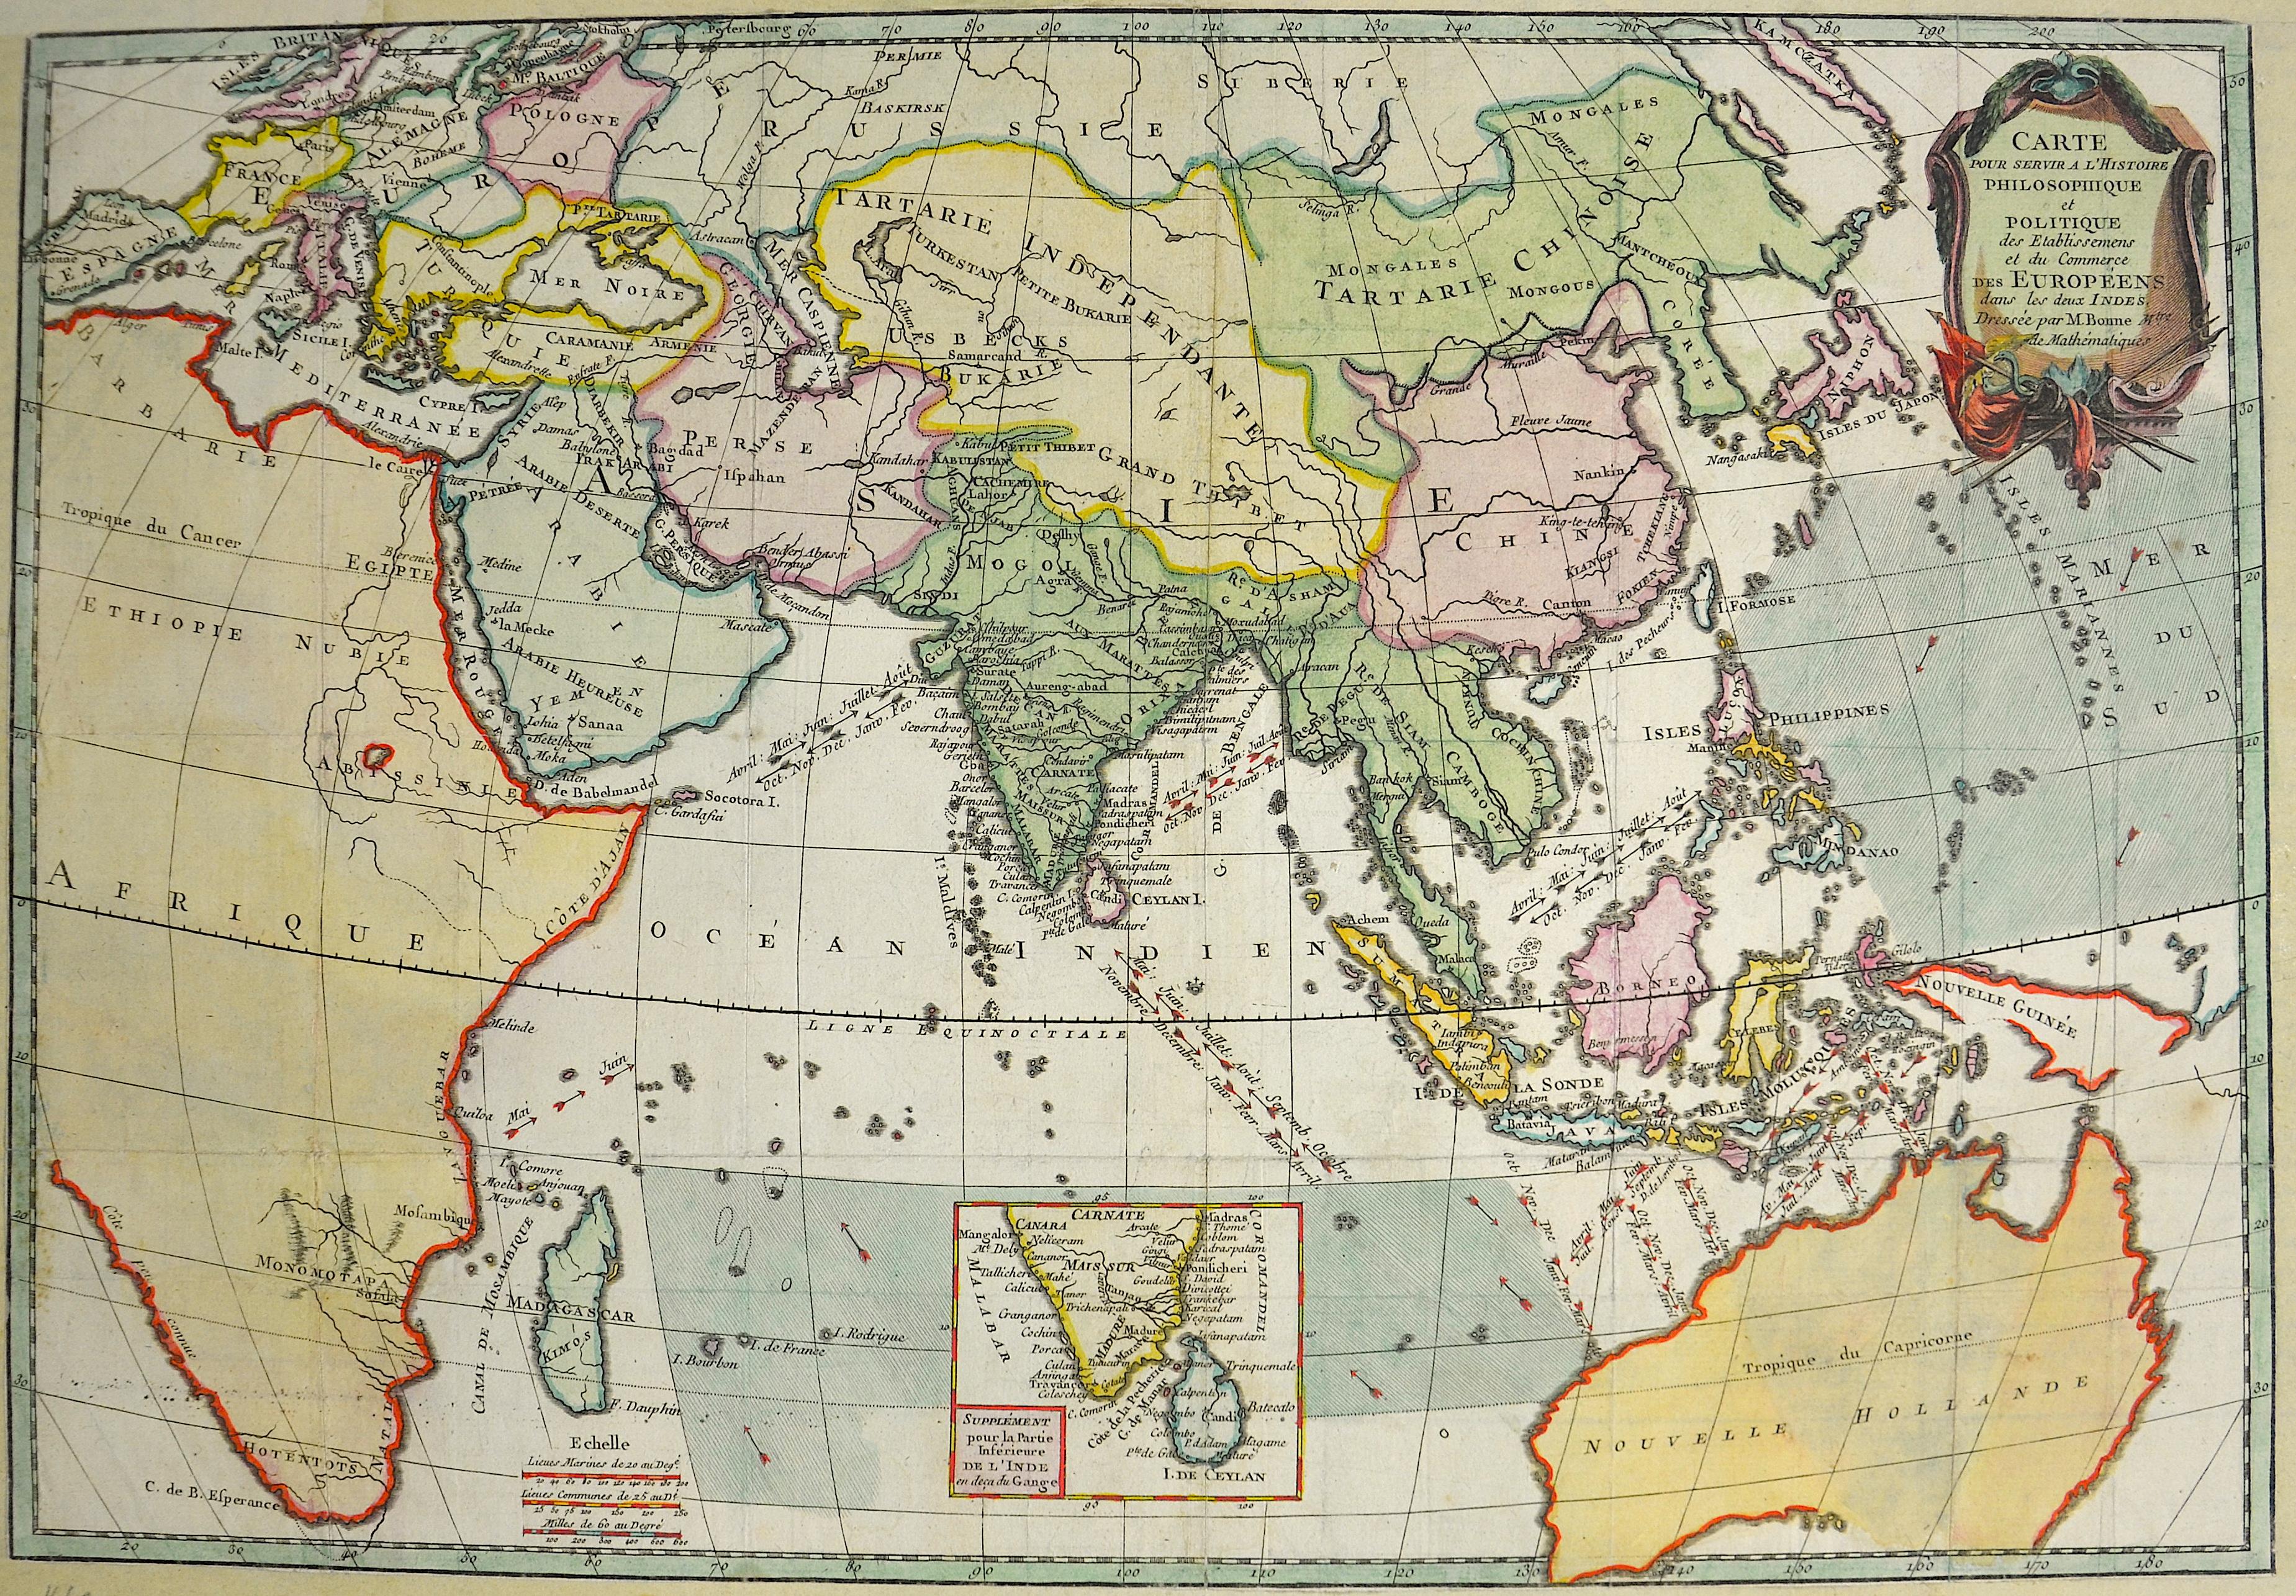 Bonne Rigobert Carte pour servir a l'Histoire Philosophique et Politique des Etablissemens et du Commerce des Européens dans les deux Indes.